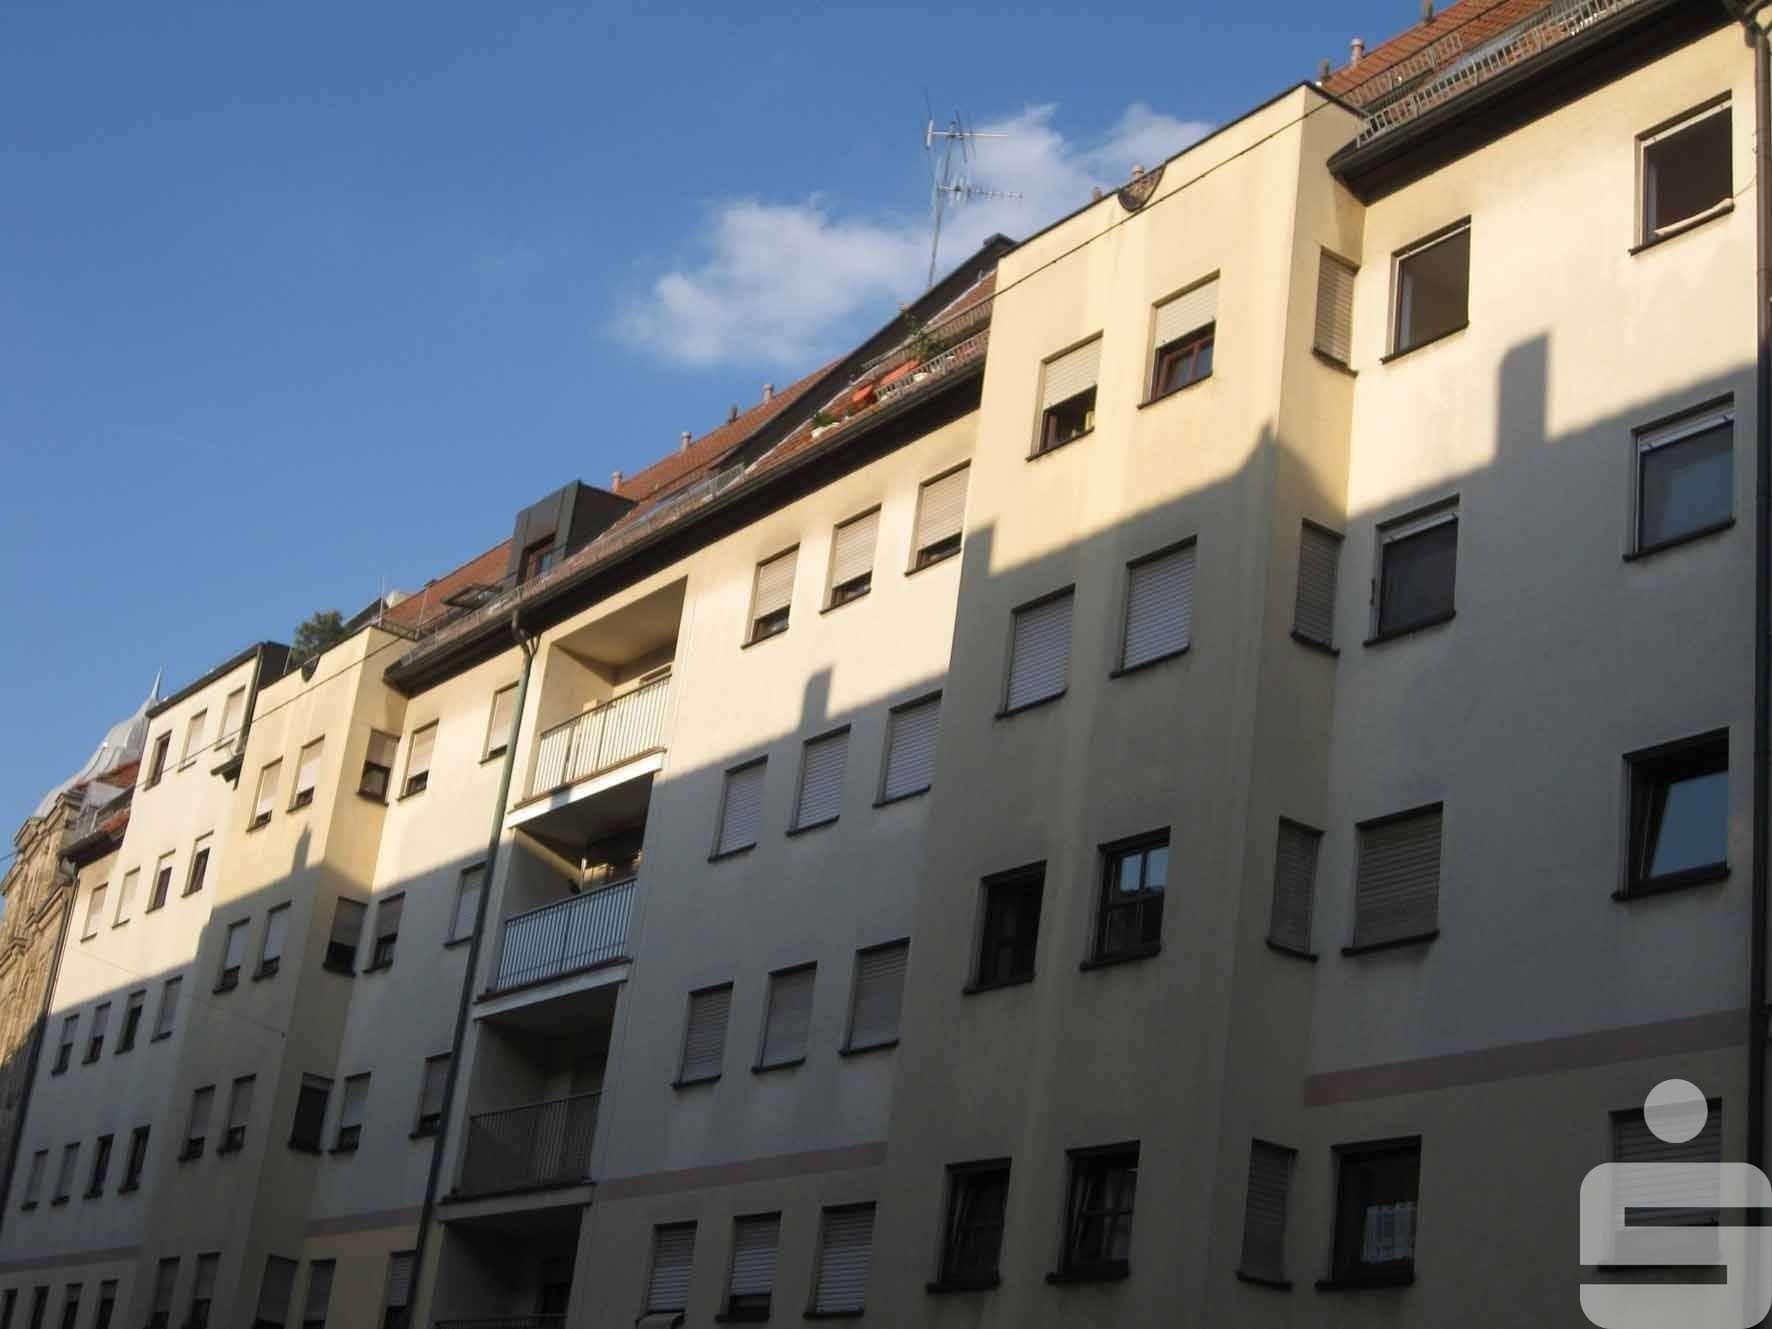 3-Zimmer-Galeriewohnung in perfekter Stadtlage! in